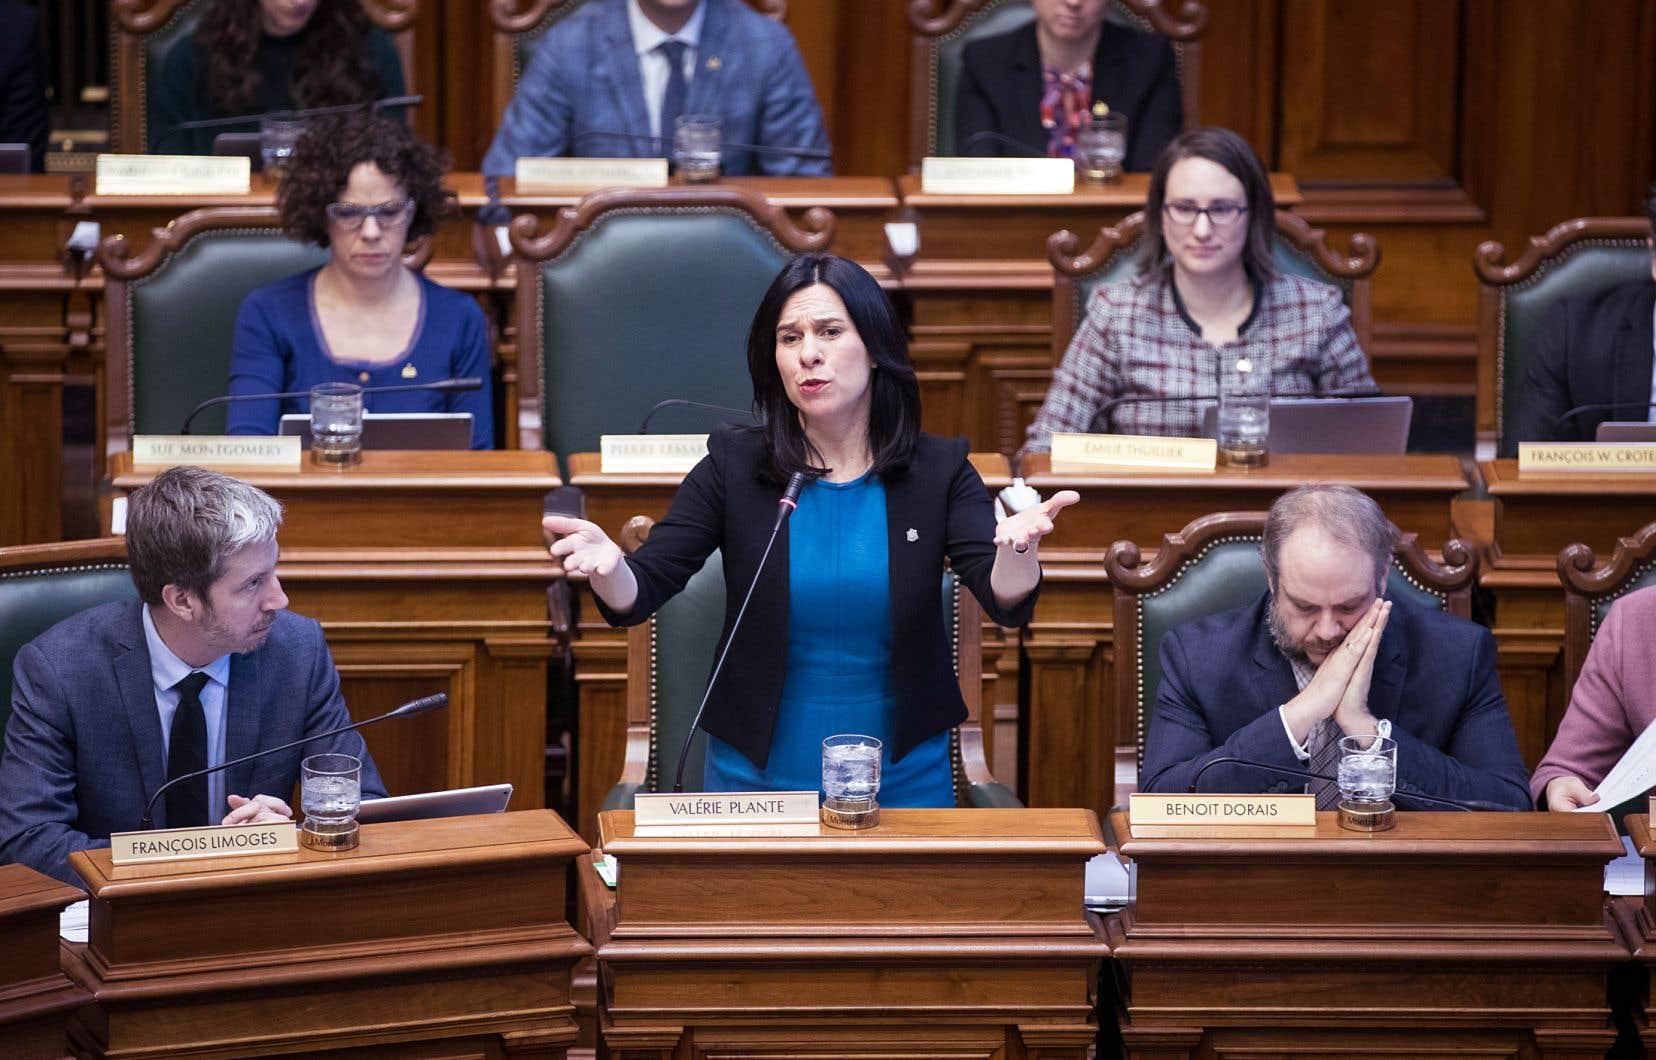 Aux côtés de Benoit Dorais, président du comité exécutif, la mairesse Valérie Plante a répliqué mercredi aux critiques adressées par le chef de l'opposition à l'Hôtel de Ville de Montréal, Lionel Perez.